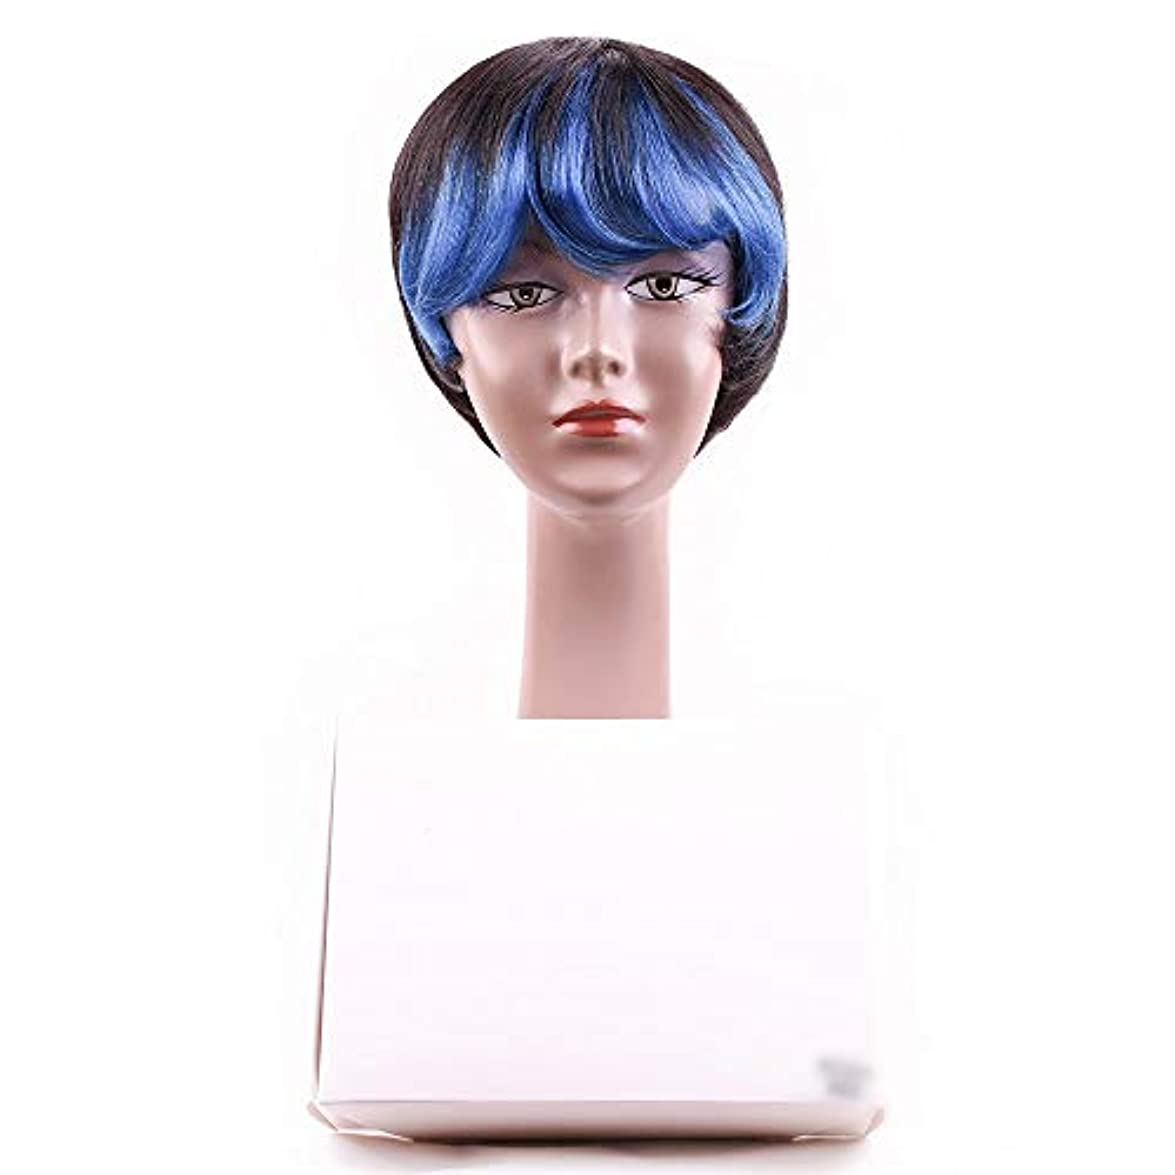 対人汚れる電子YOUQIU 斜め前髪完全な頭部コスプレパーティーウィッグかつらと女性の人間の毛髪のショートボブウィッグ (色 : 青)